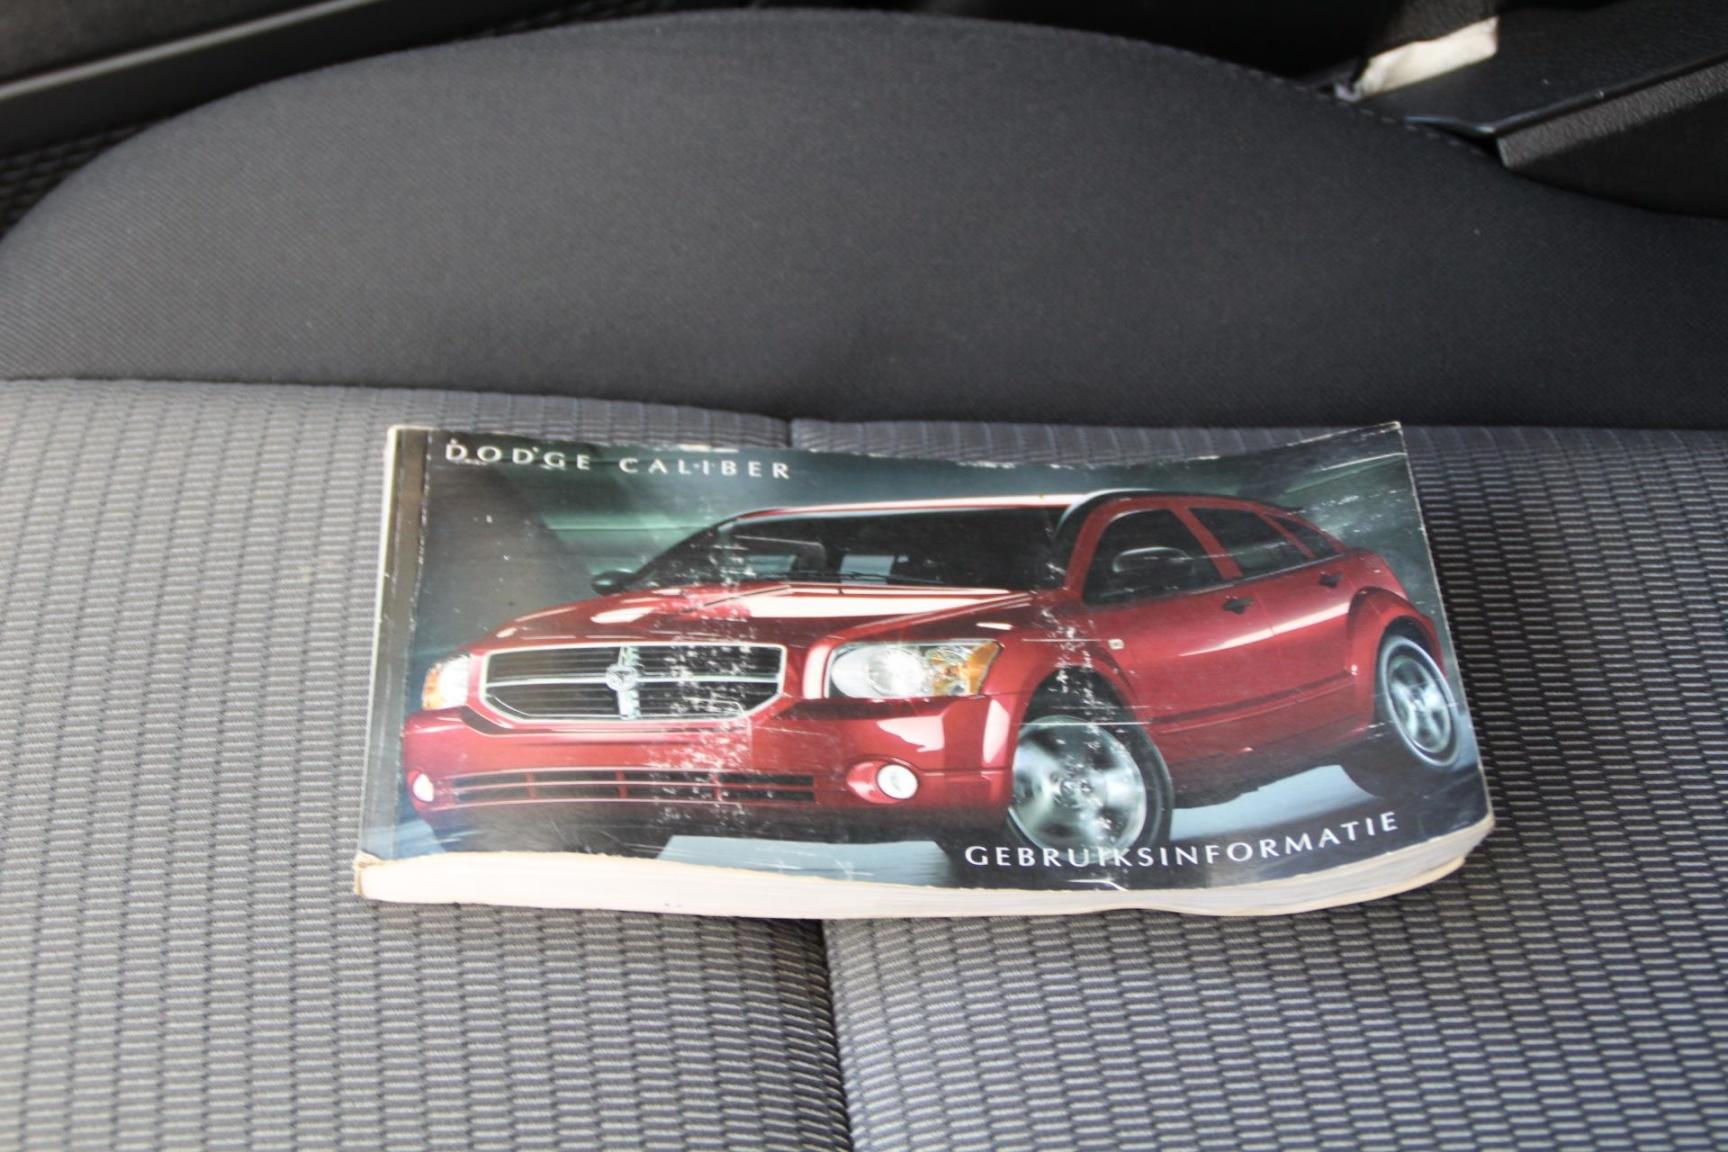 Dodge-Caliber-12